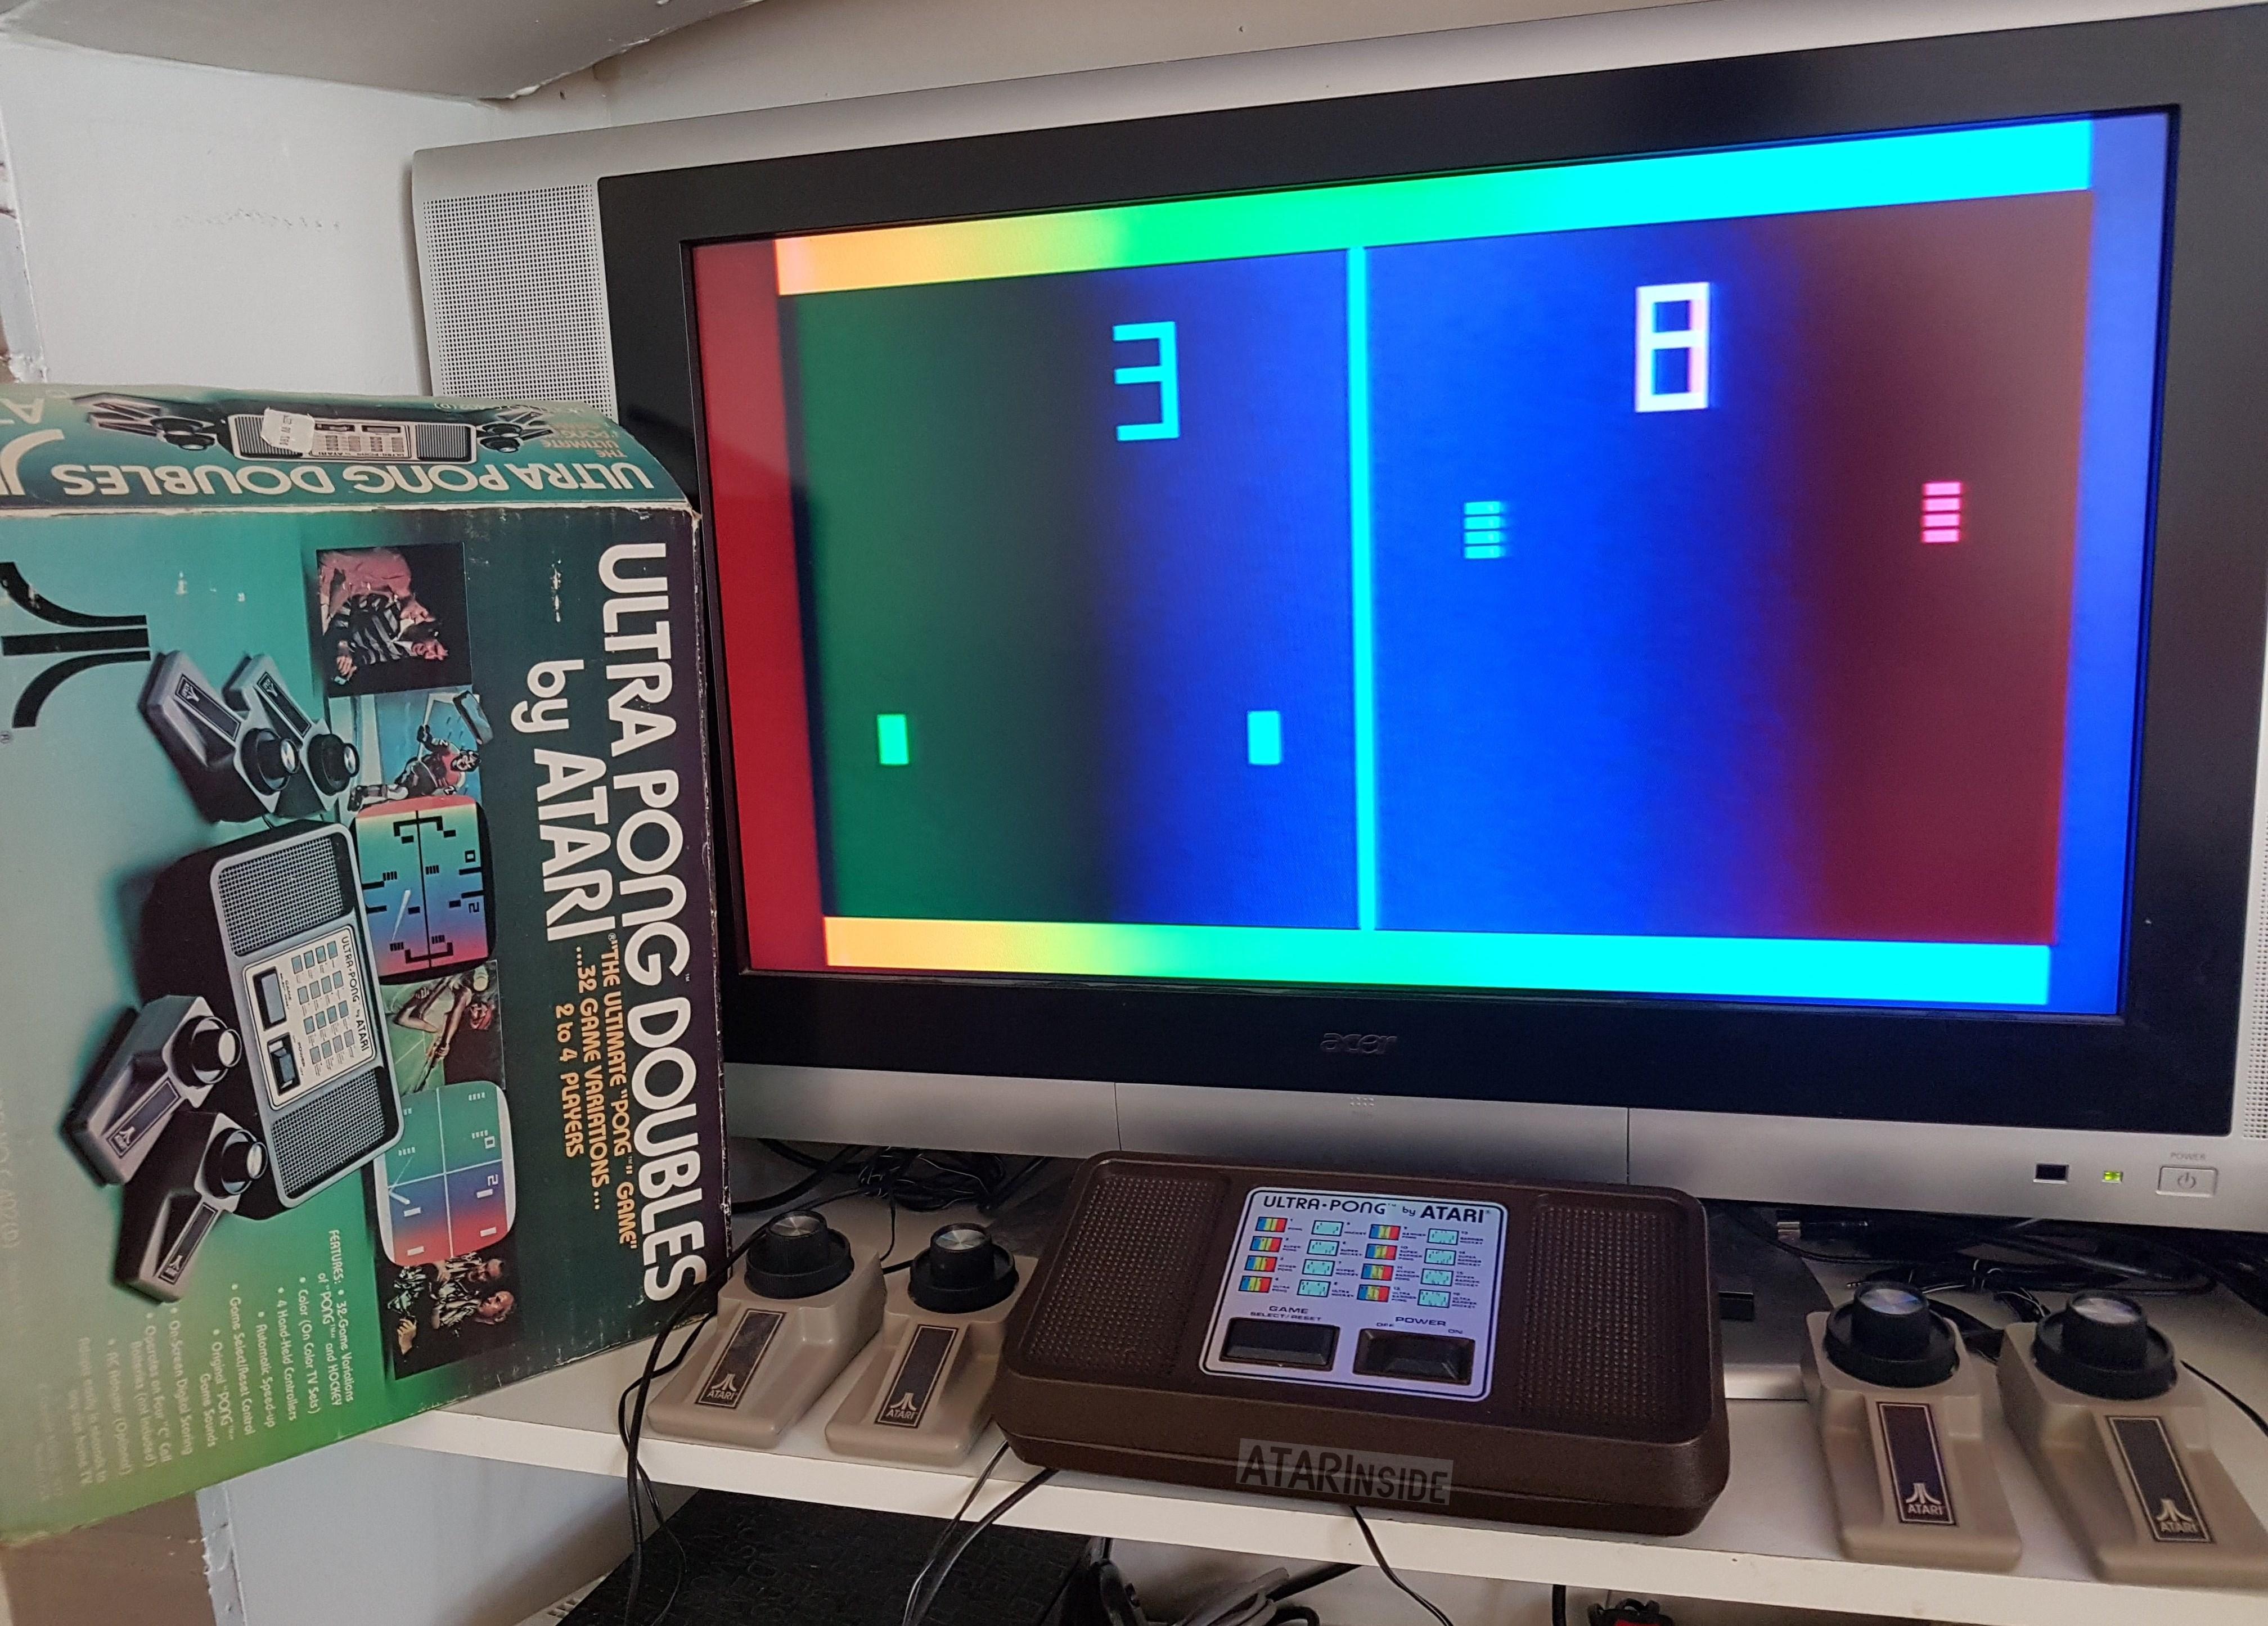 ATARI se la joue Psychédélique : ULTRA-PONG DOUBLE (1977) / Pong Sports IV + Tuto mod composite 20180503_154932